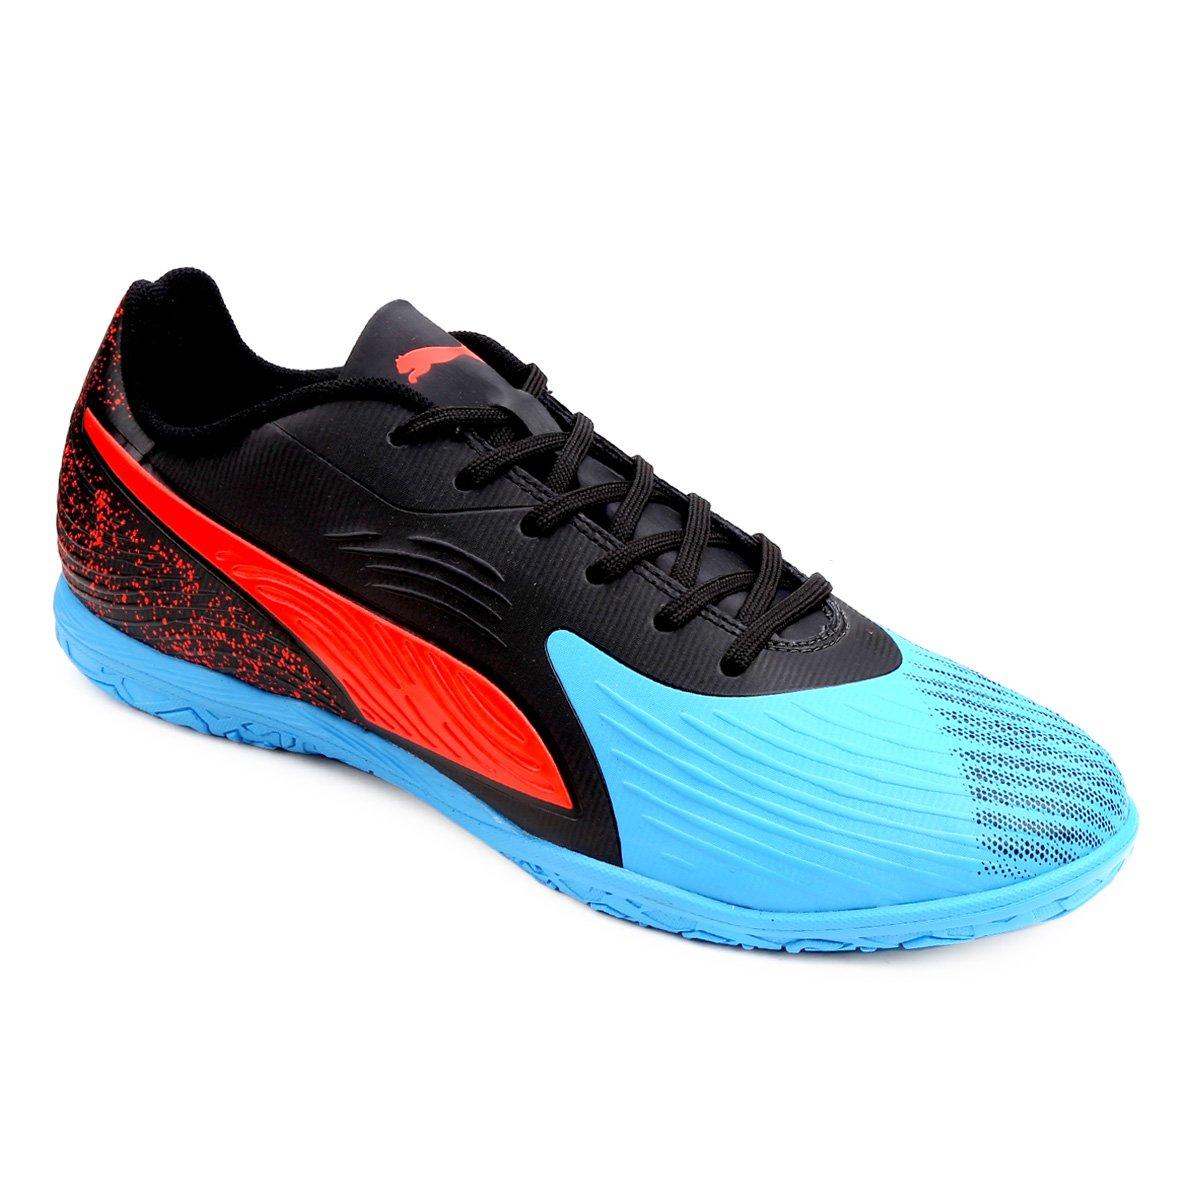 930581f8ae Chuteira Futsal Puma One 19.4 IT